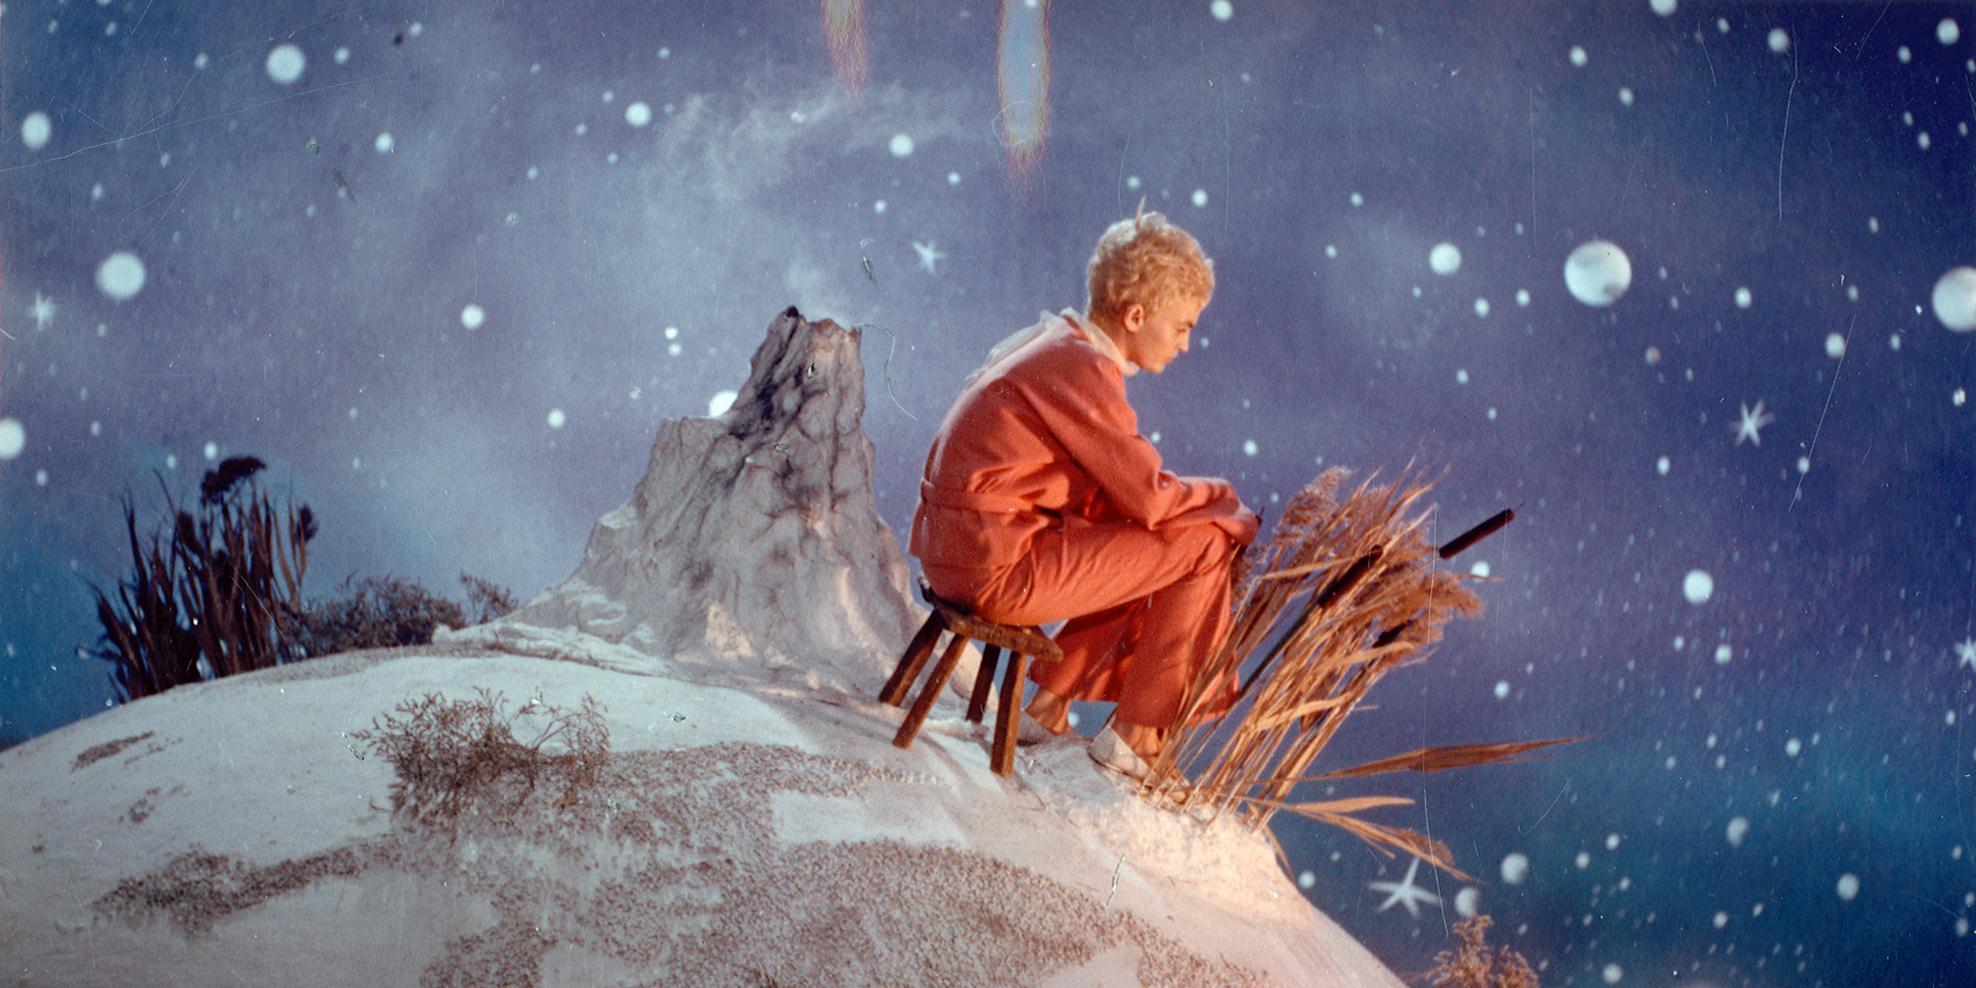 Szene aus dem Film Der Kleine Prinz von Konrad Wolf